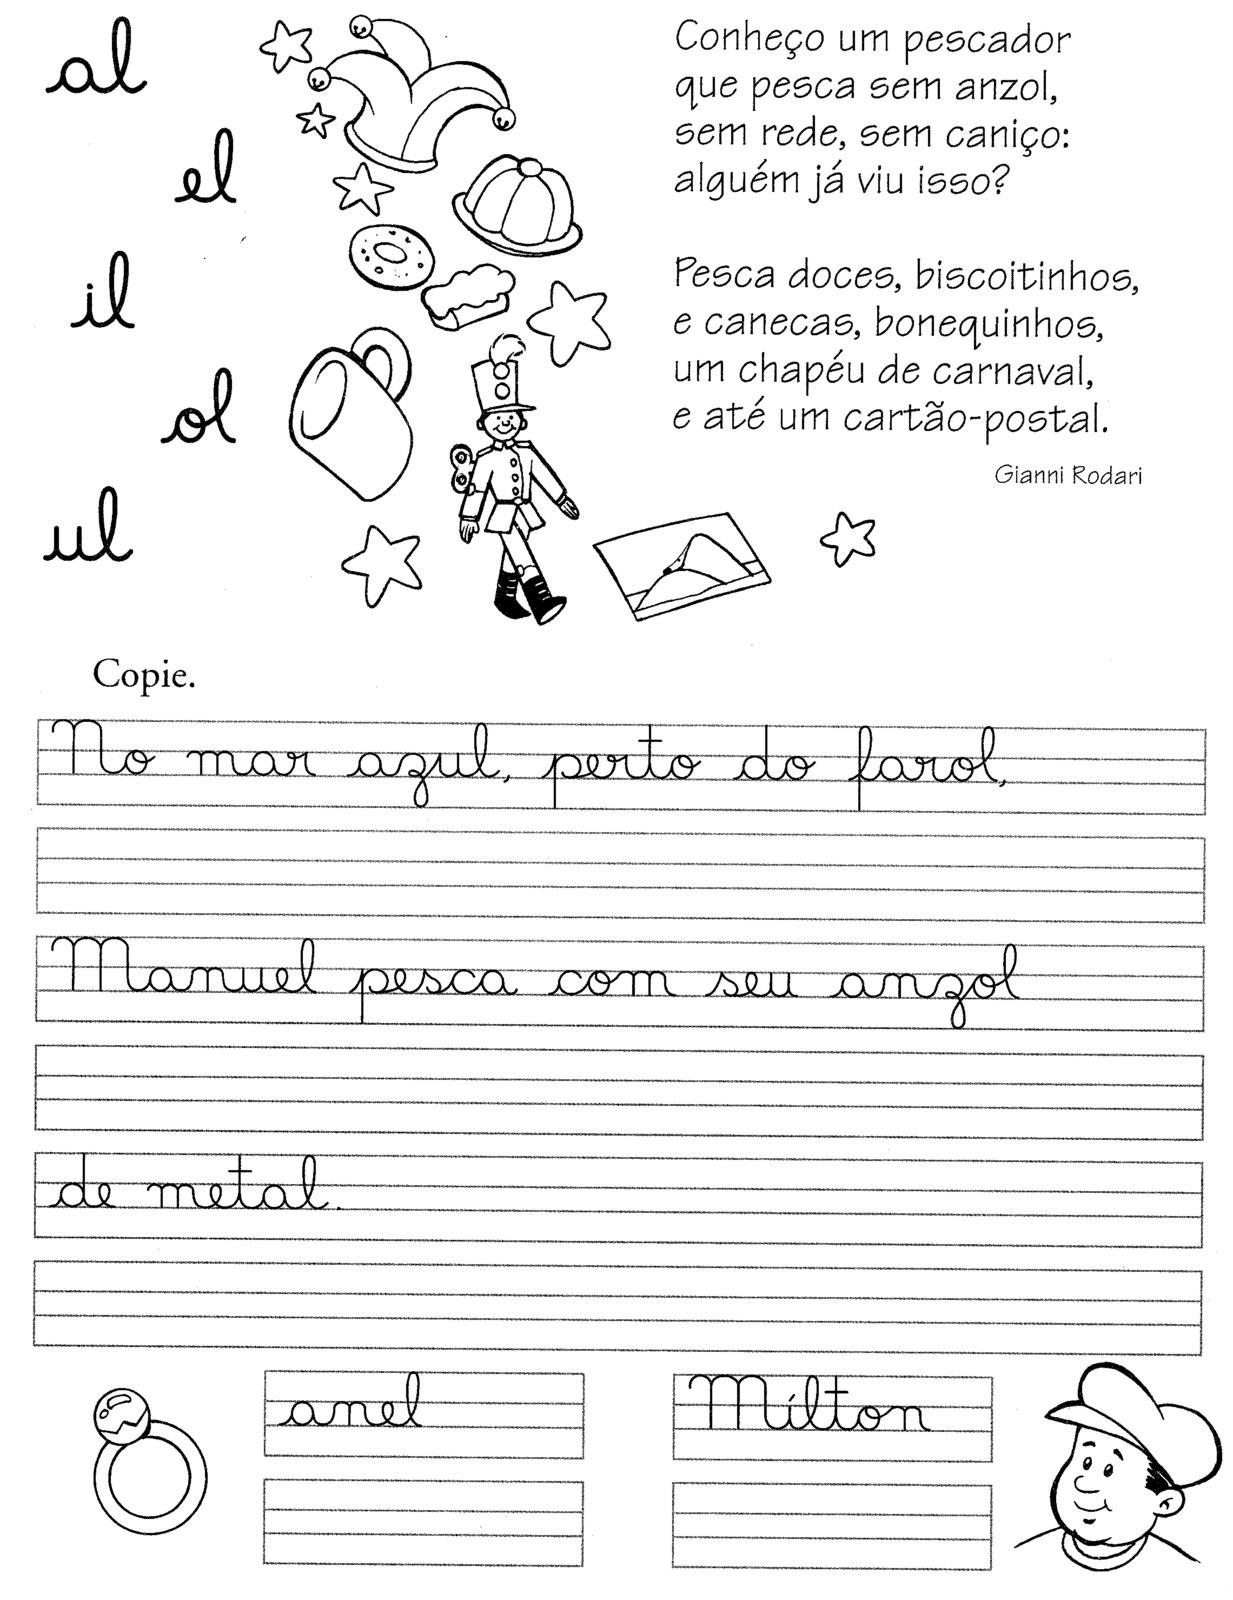 60 Atividades De Caligrafia Com Textos Frases E Palavras Para